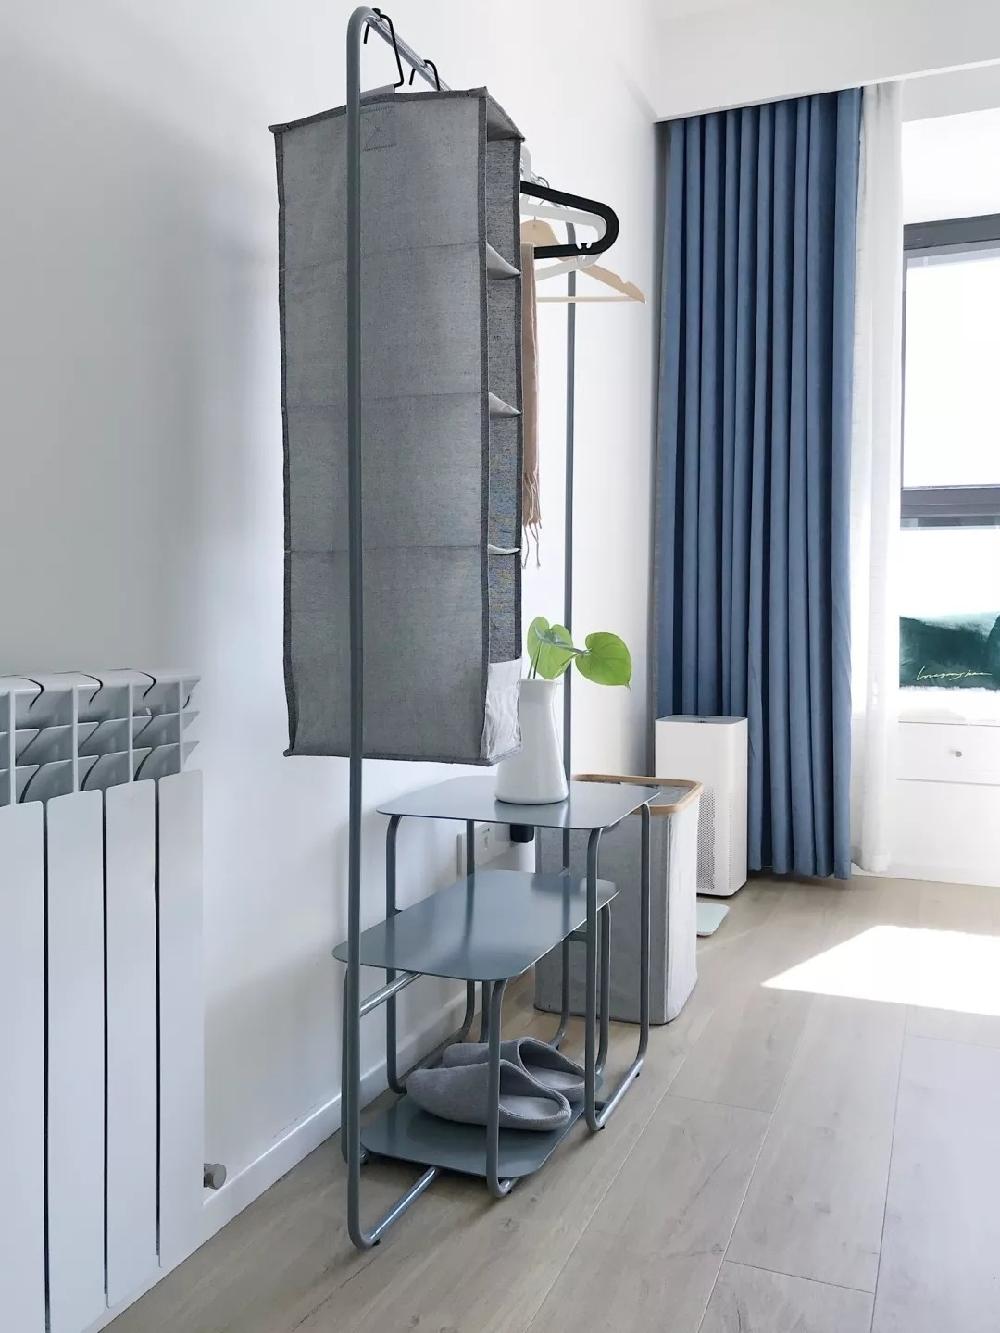 108㎡北歐三房,餐廳與廚房間的室內窗11166280